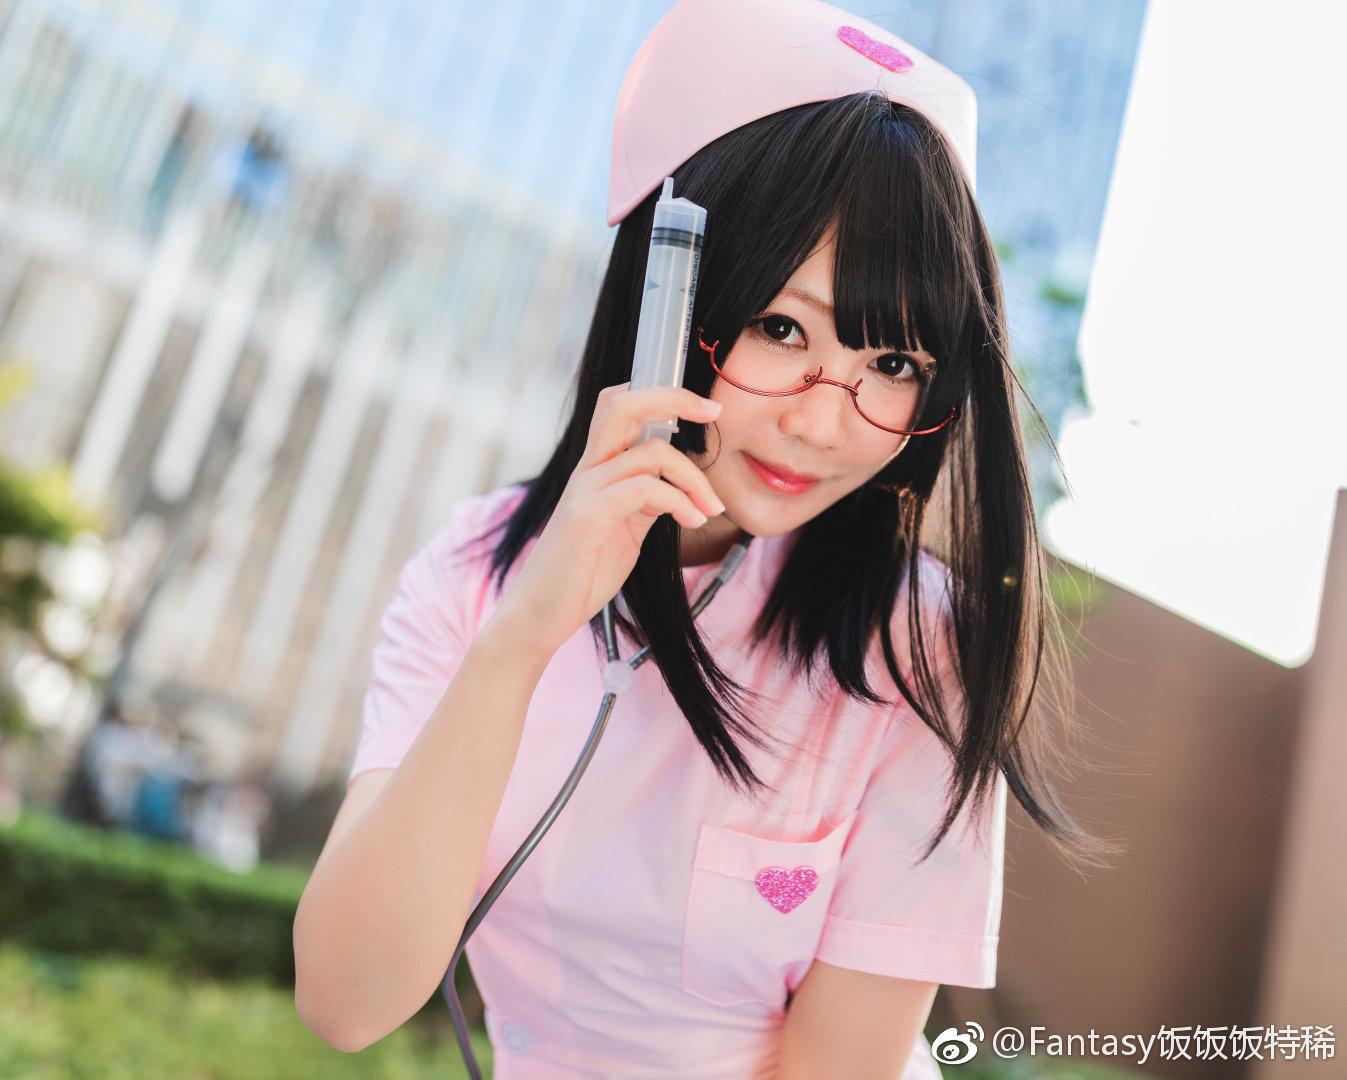 銘銘Kizami的白丝护士服写真(18P)